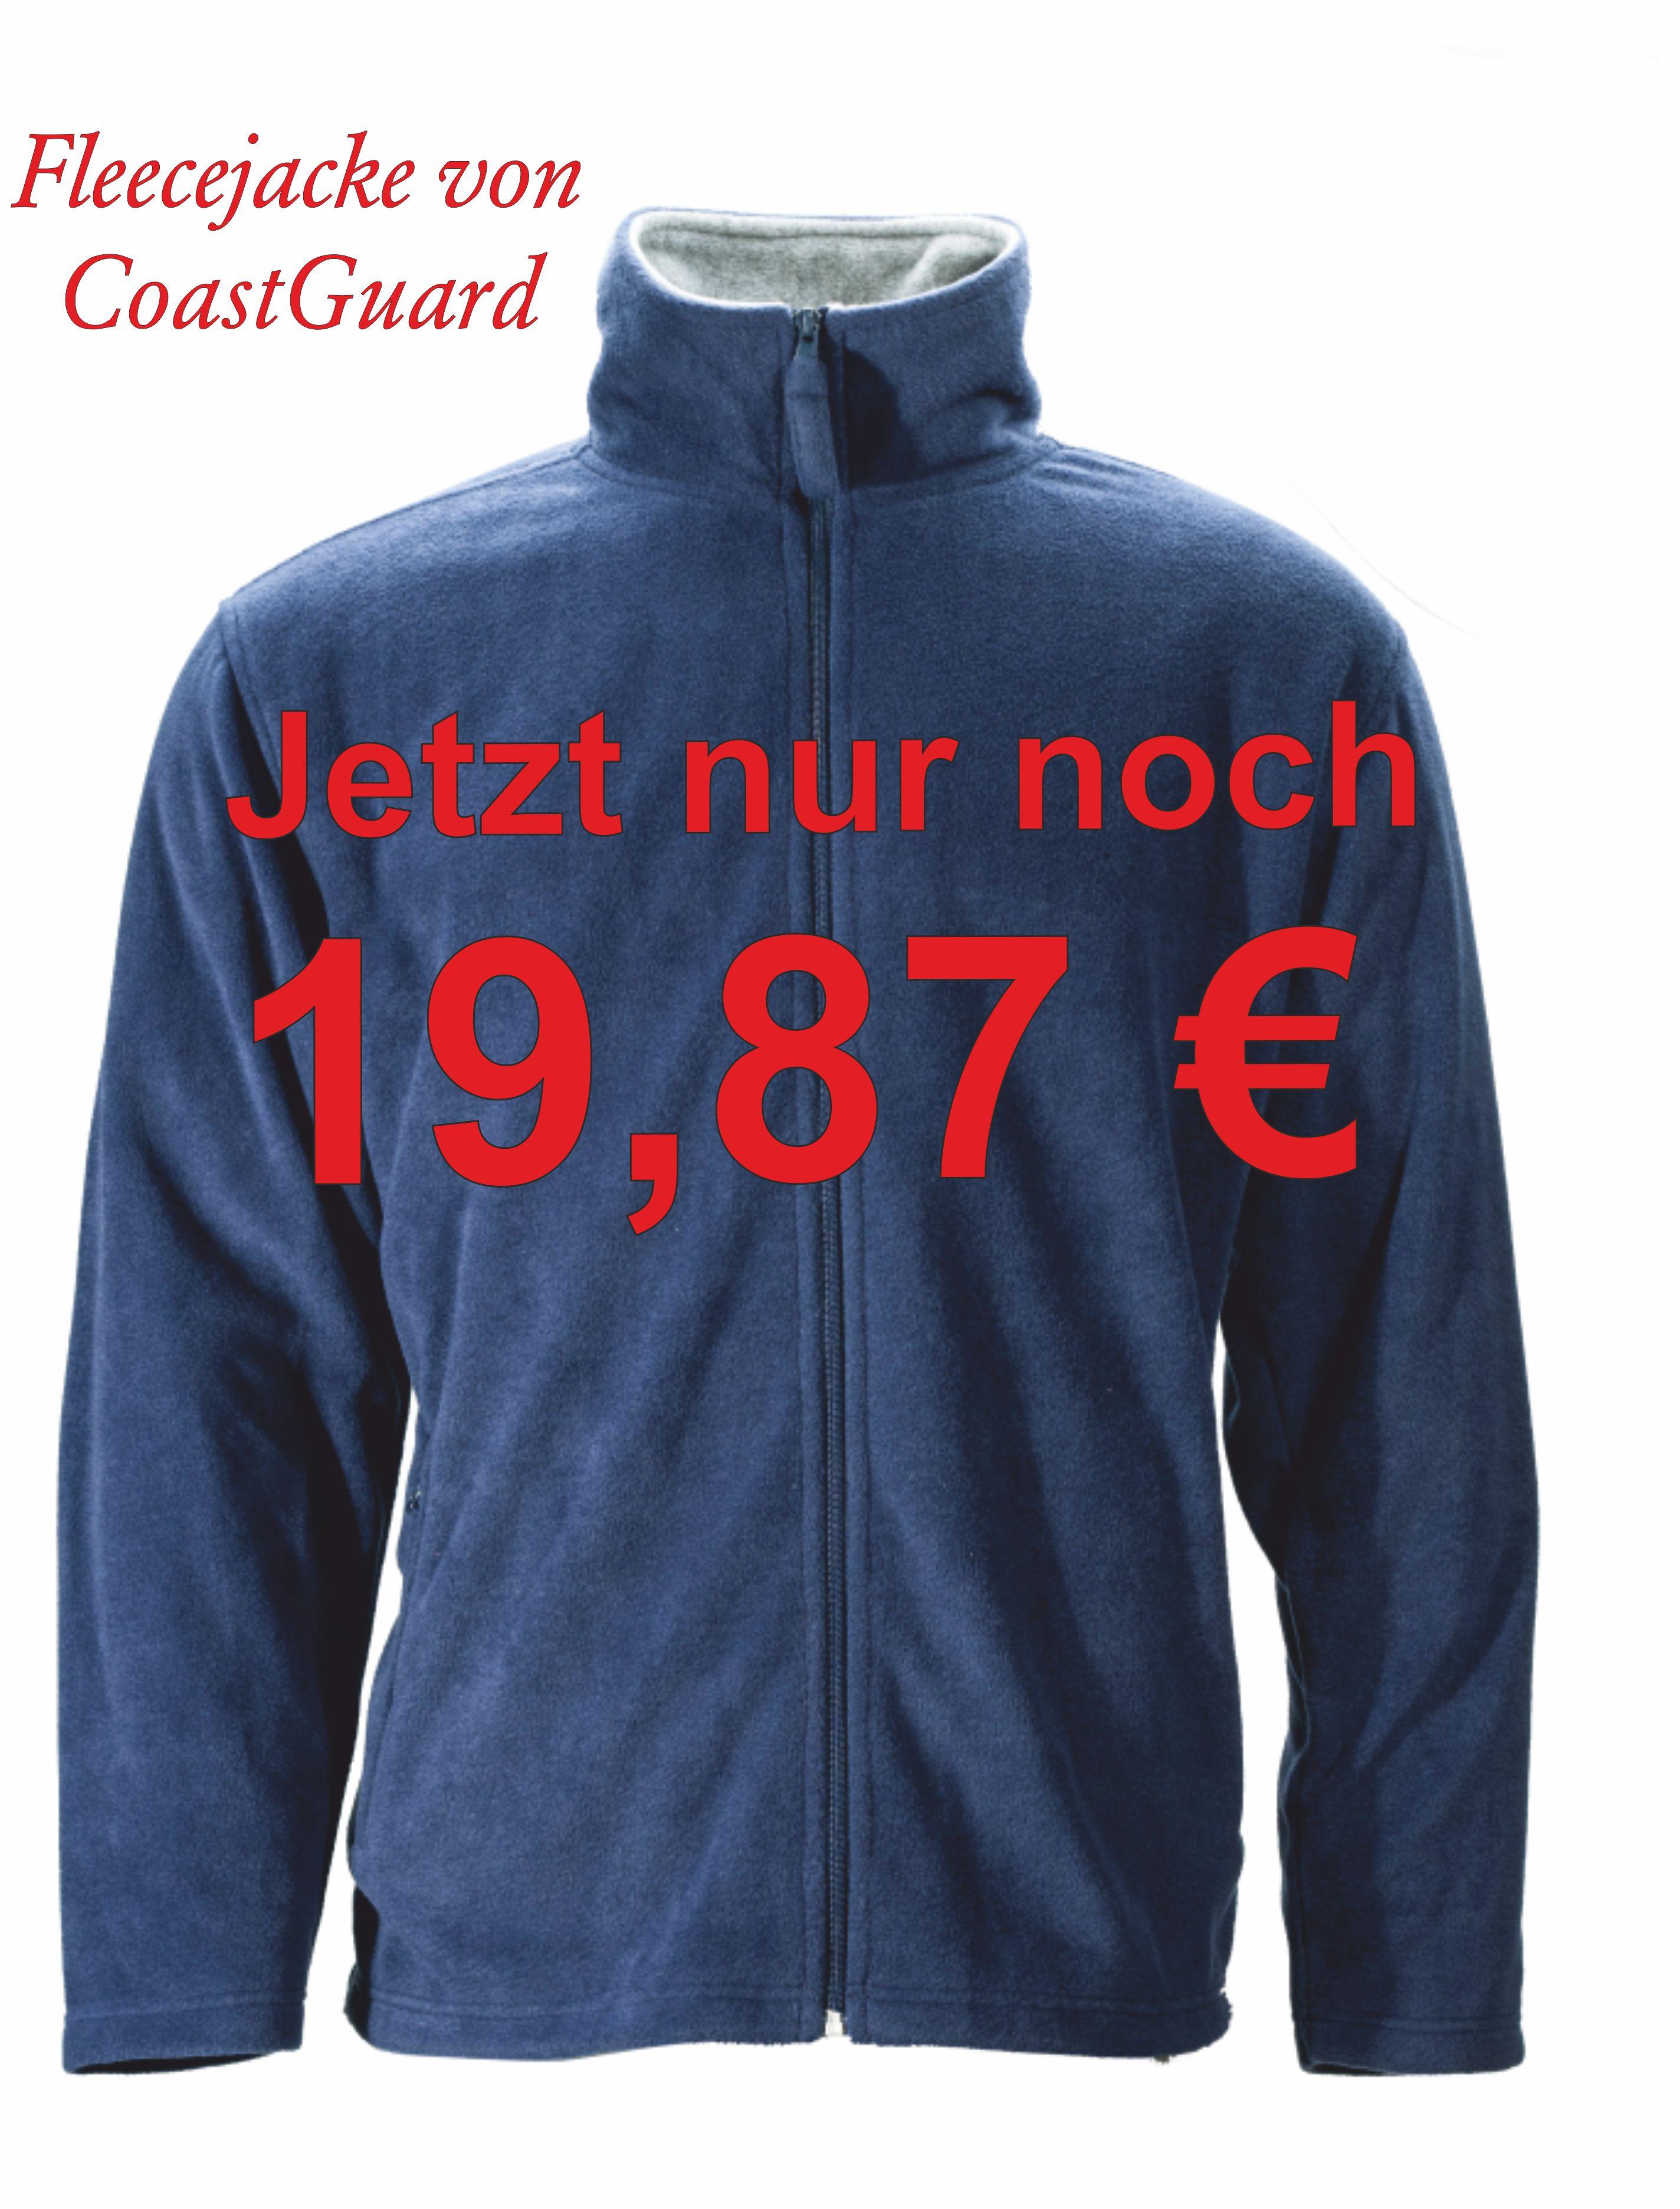 RegattaThor Damen Fleece Jacke versch Farben S M L XL 2XL 3XL Outdoor Jacke Bekleidung